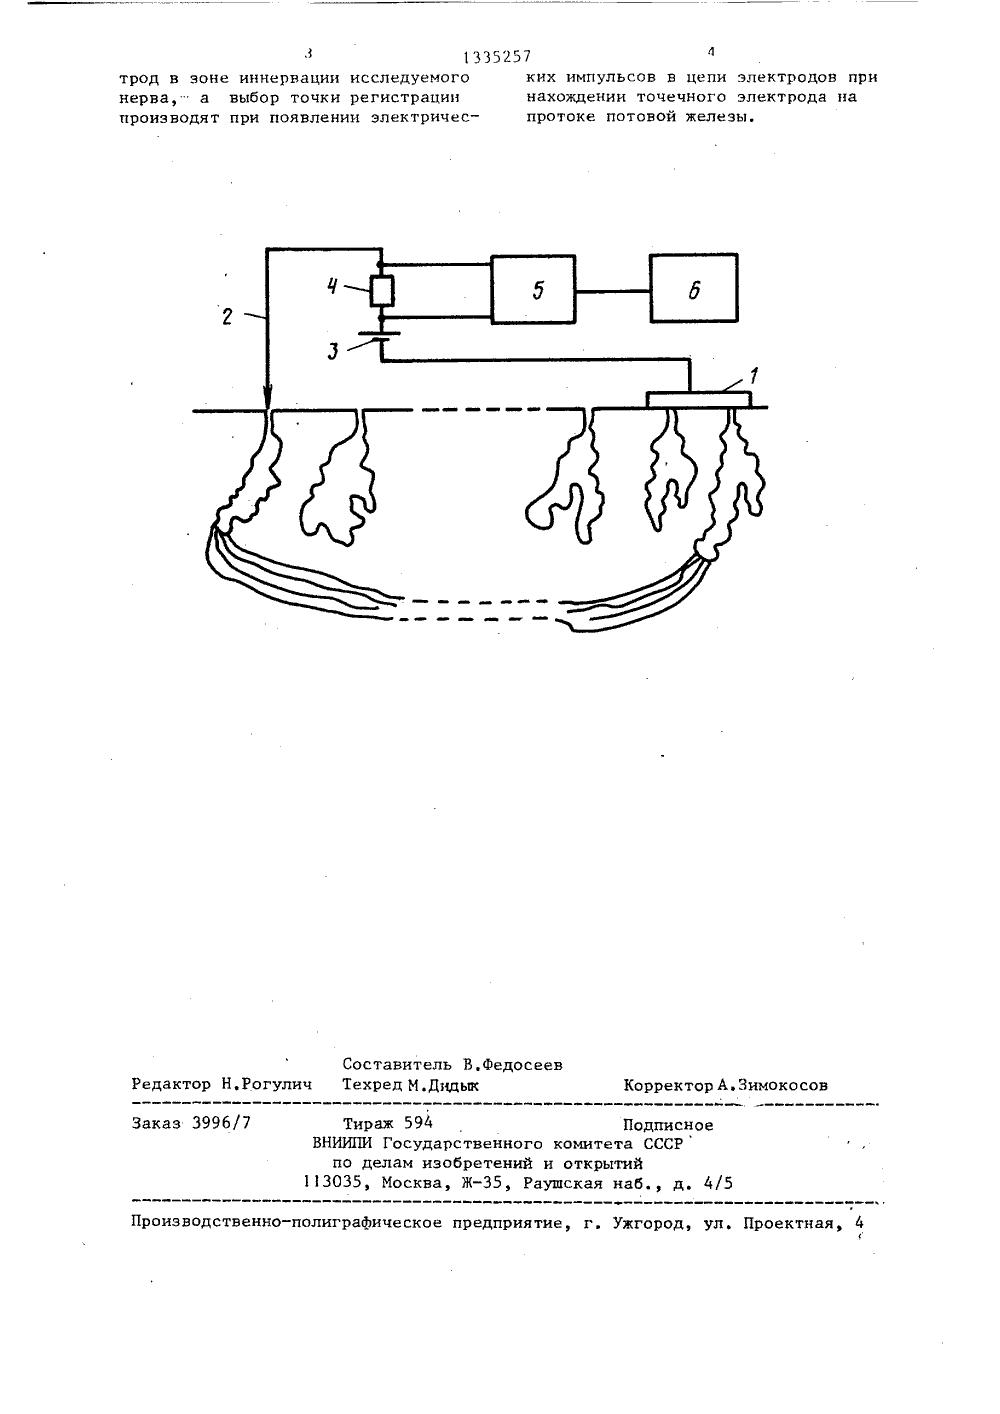 http://patentdb.su/patents_3/1335257-sposob-registracii-impulsnojj-aktivnosti-perifericheskikh-nervov-3.png